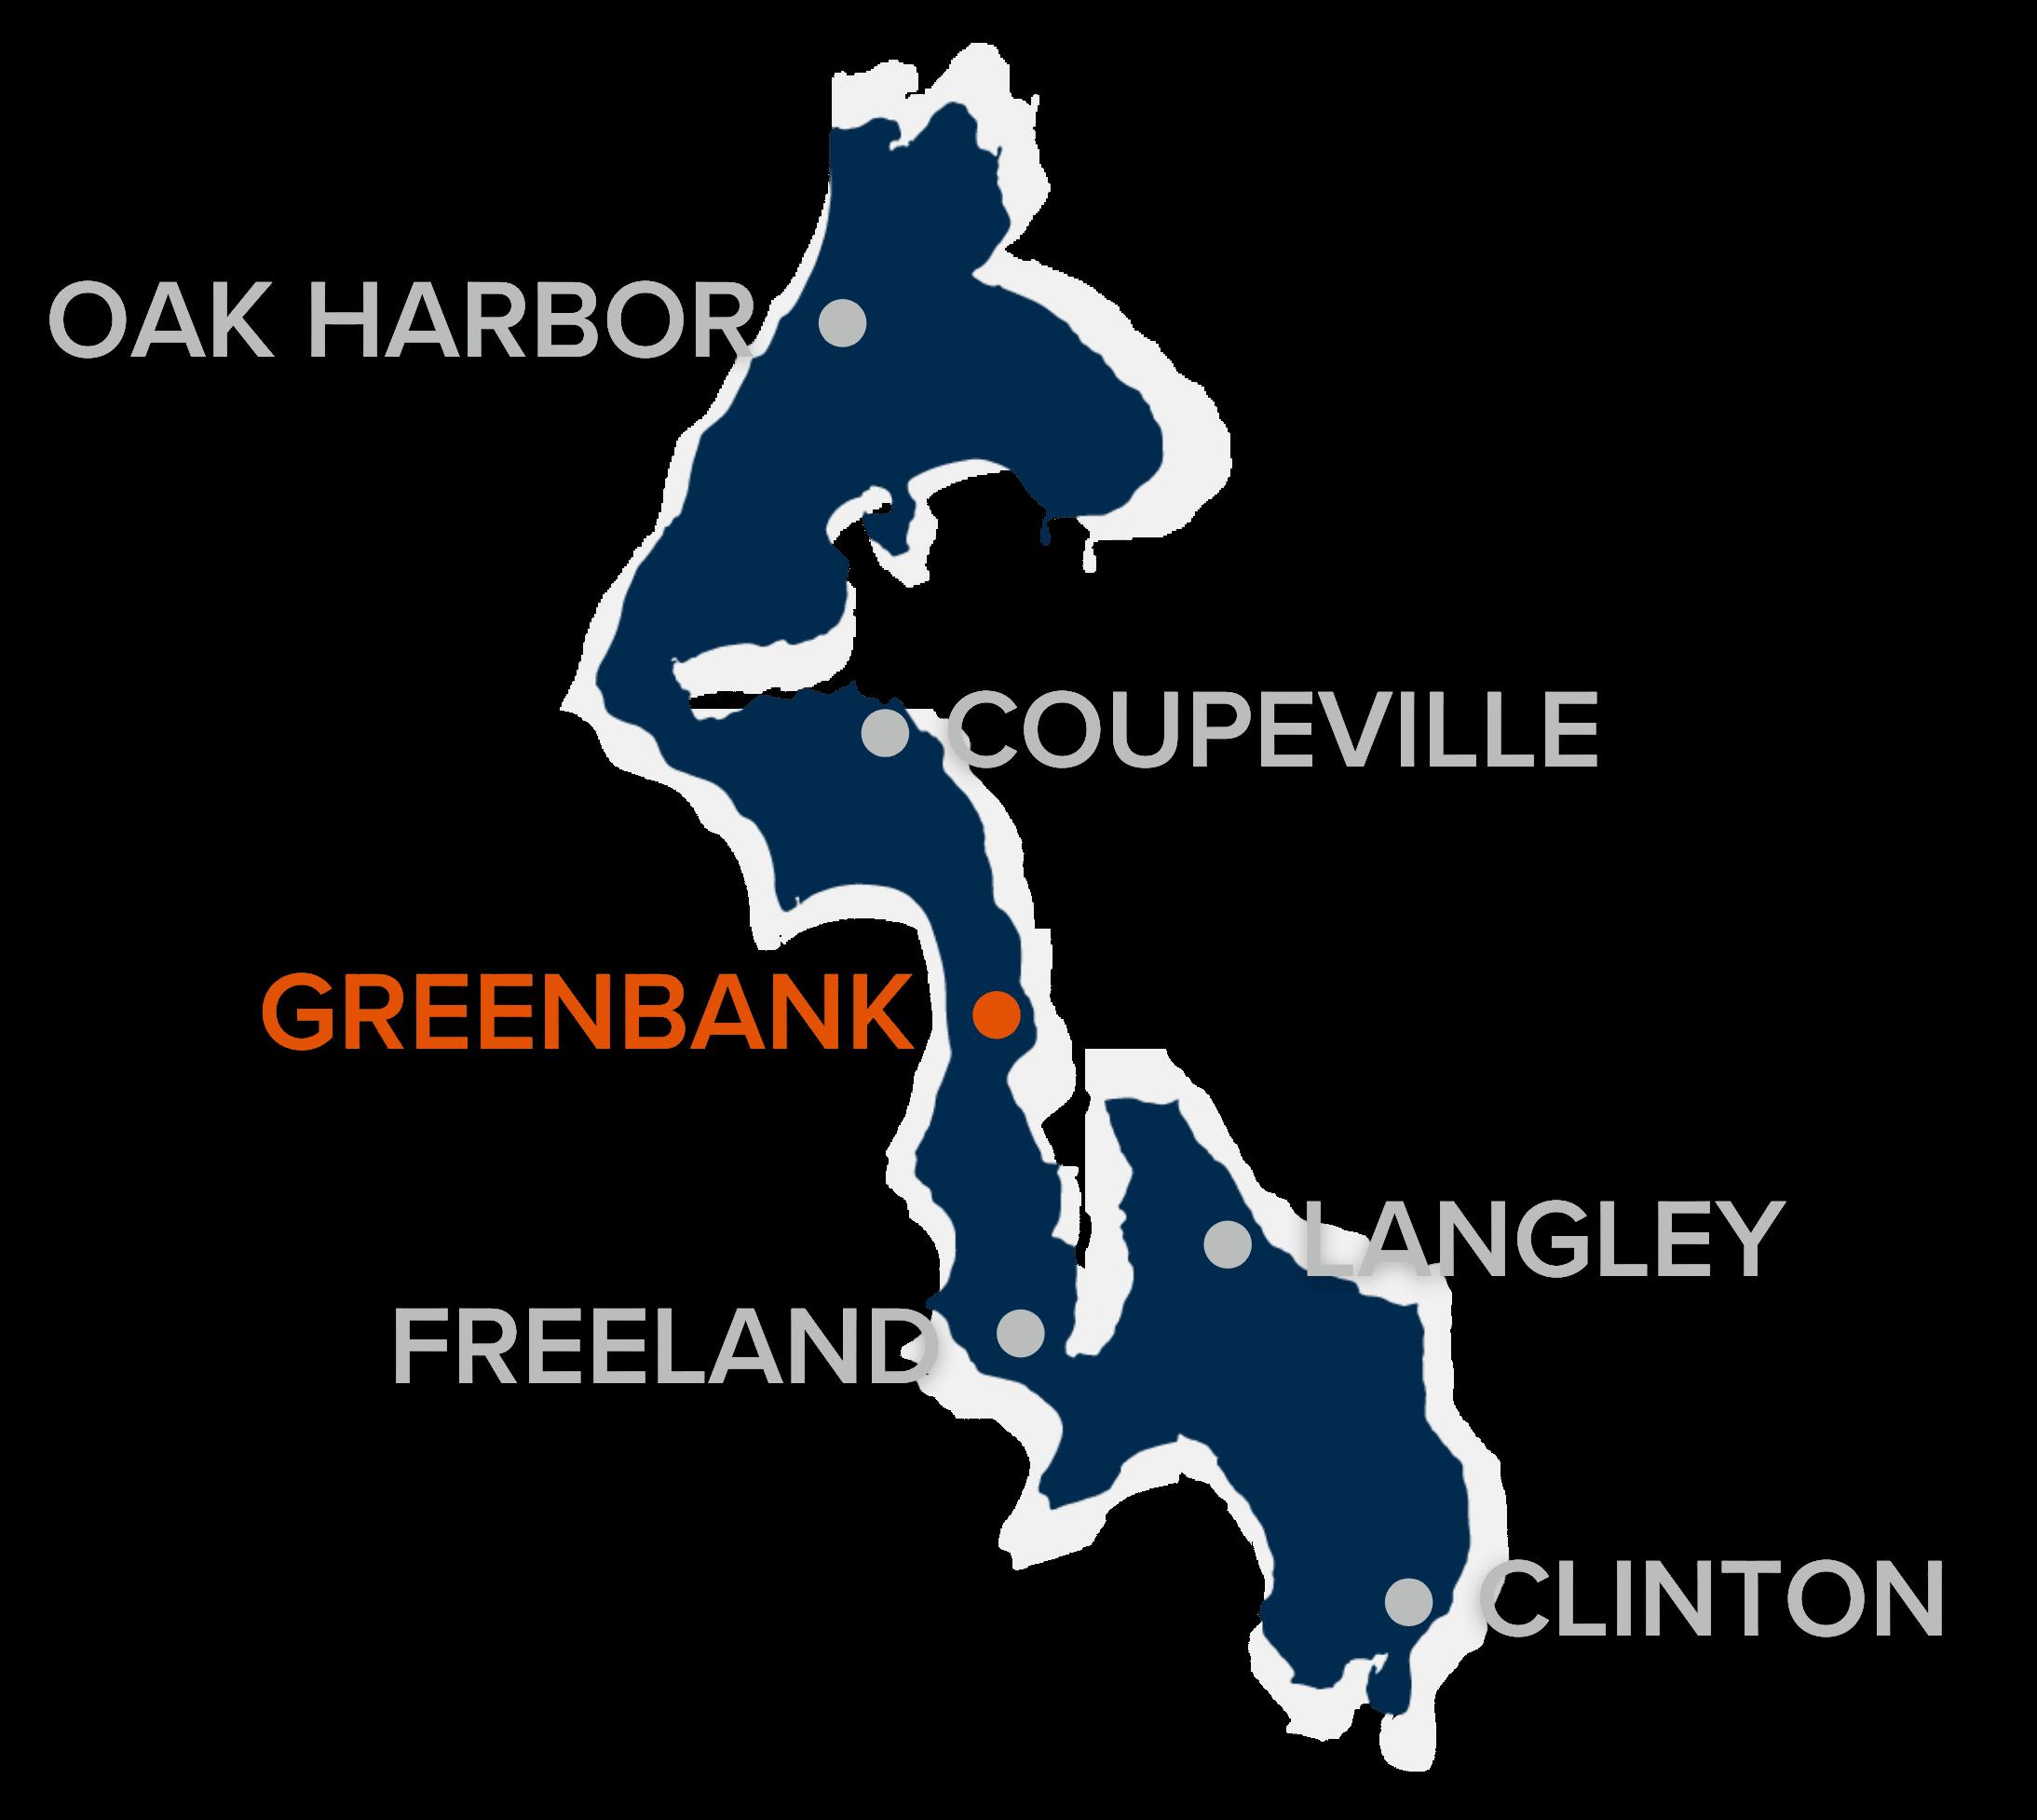 Greenbank, whidbey Island, Washington